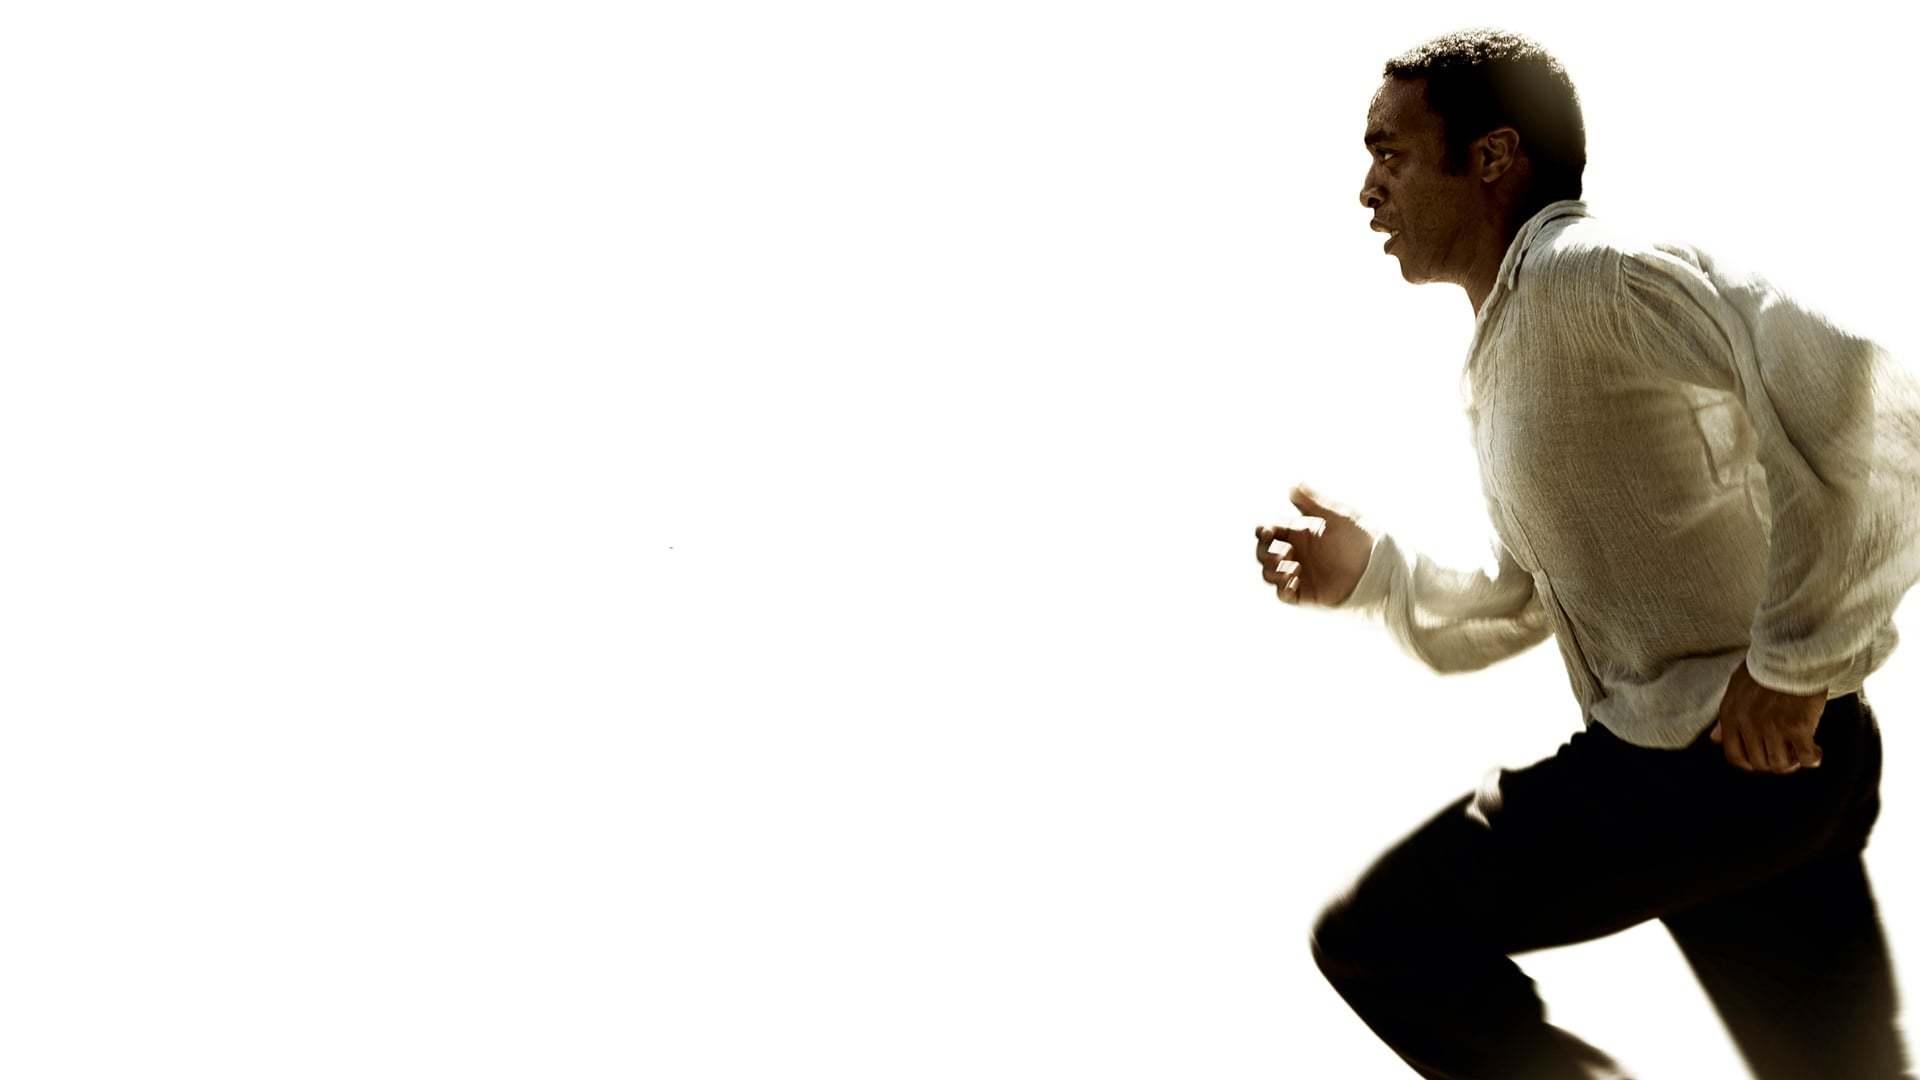 Кадры из фильма 12 лет рабства 12 Years a Slave 2013